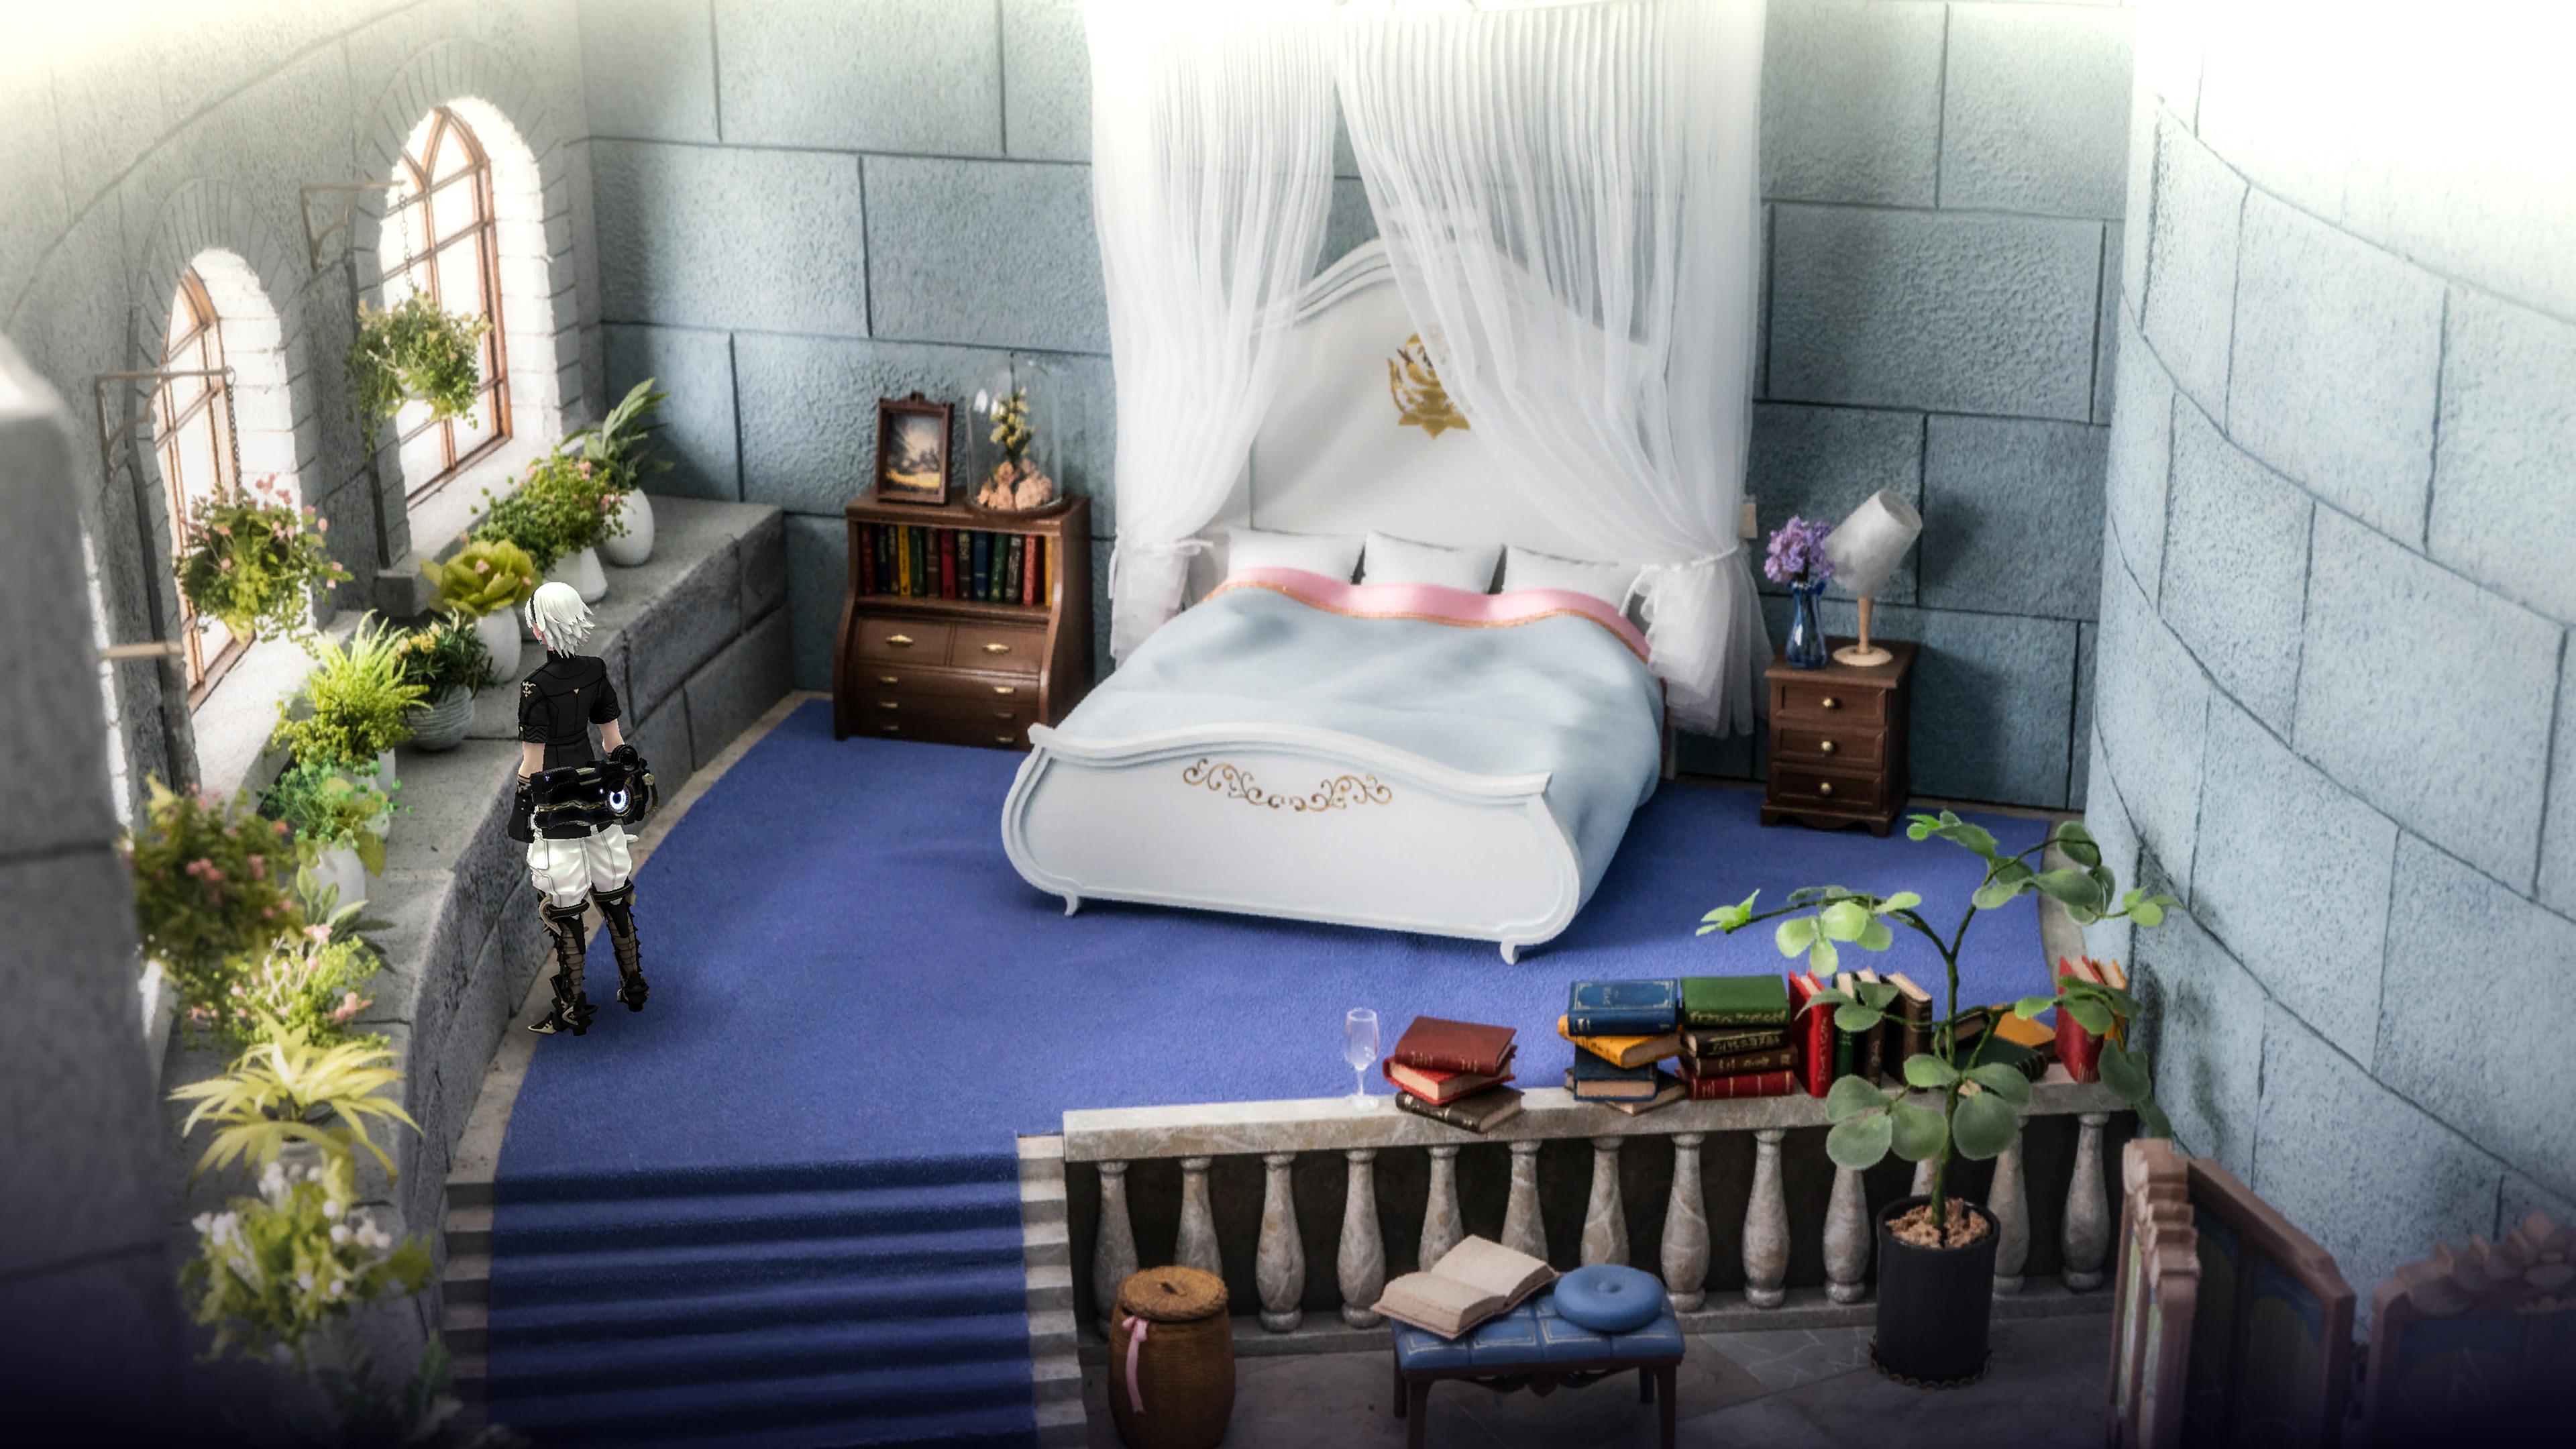 Fantasian room